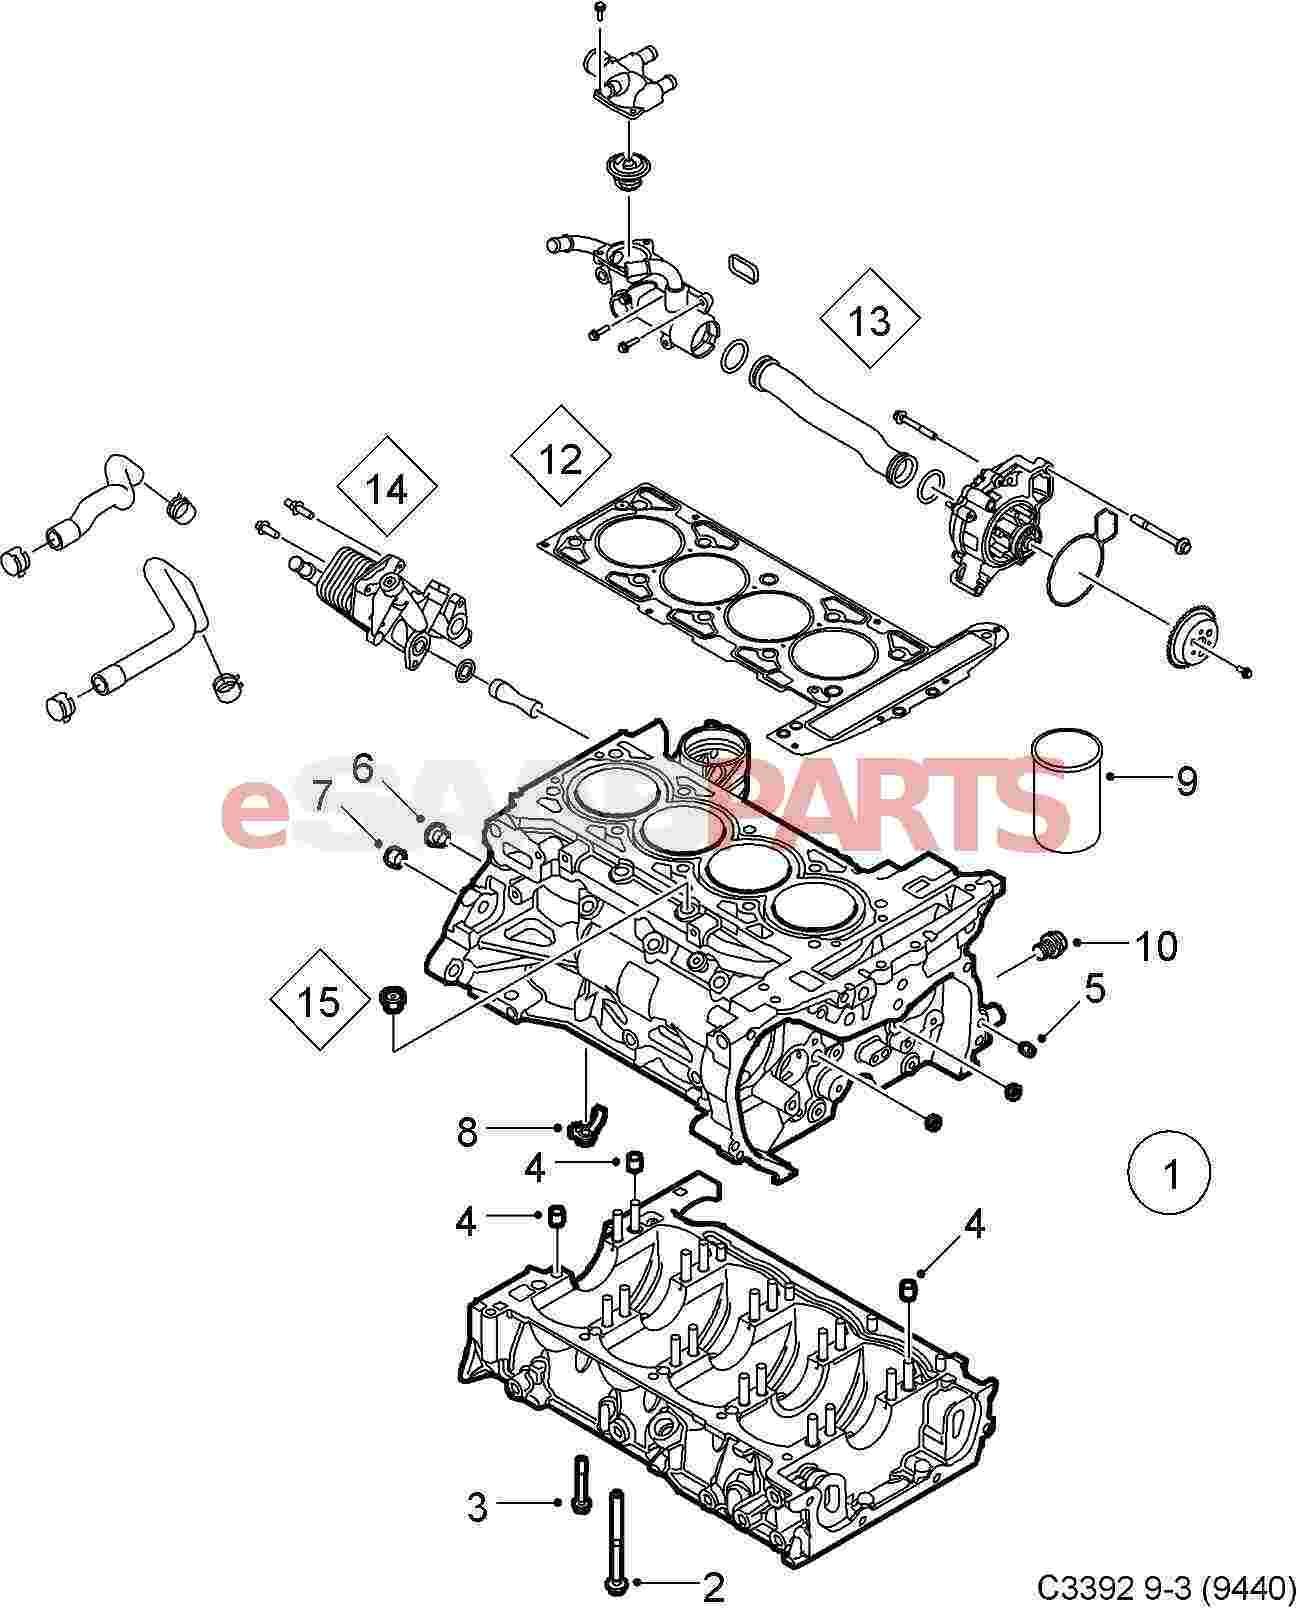 saab engine diagram 9 5mm